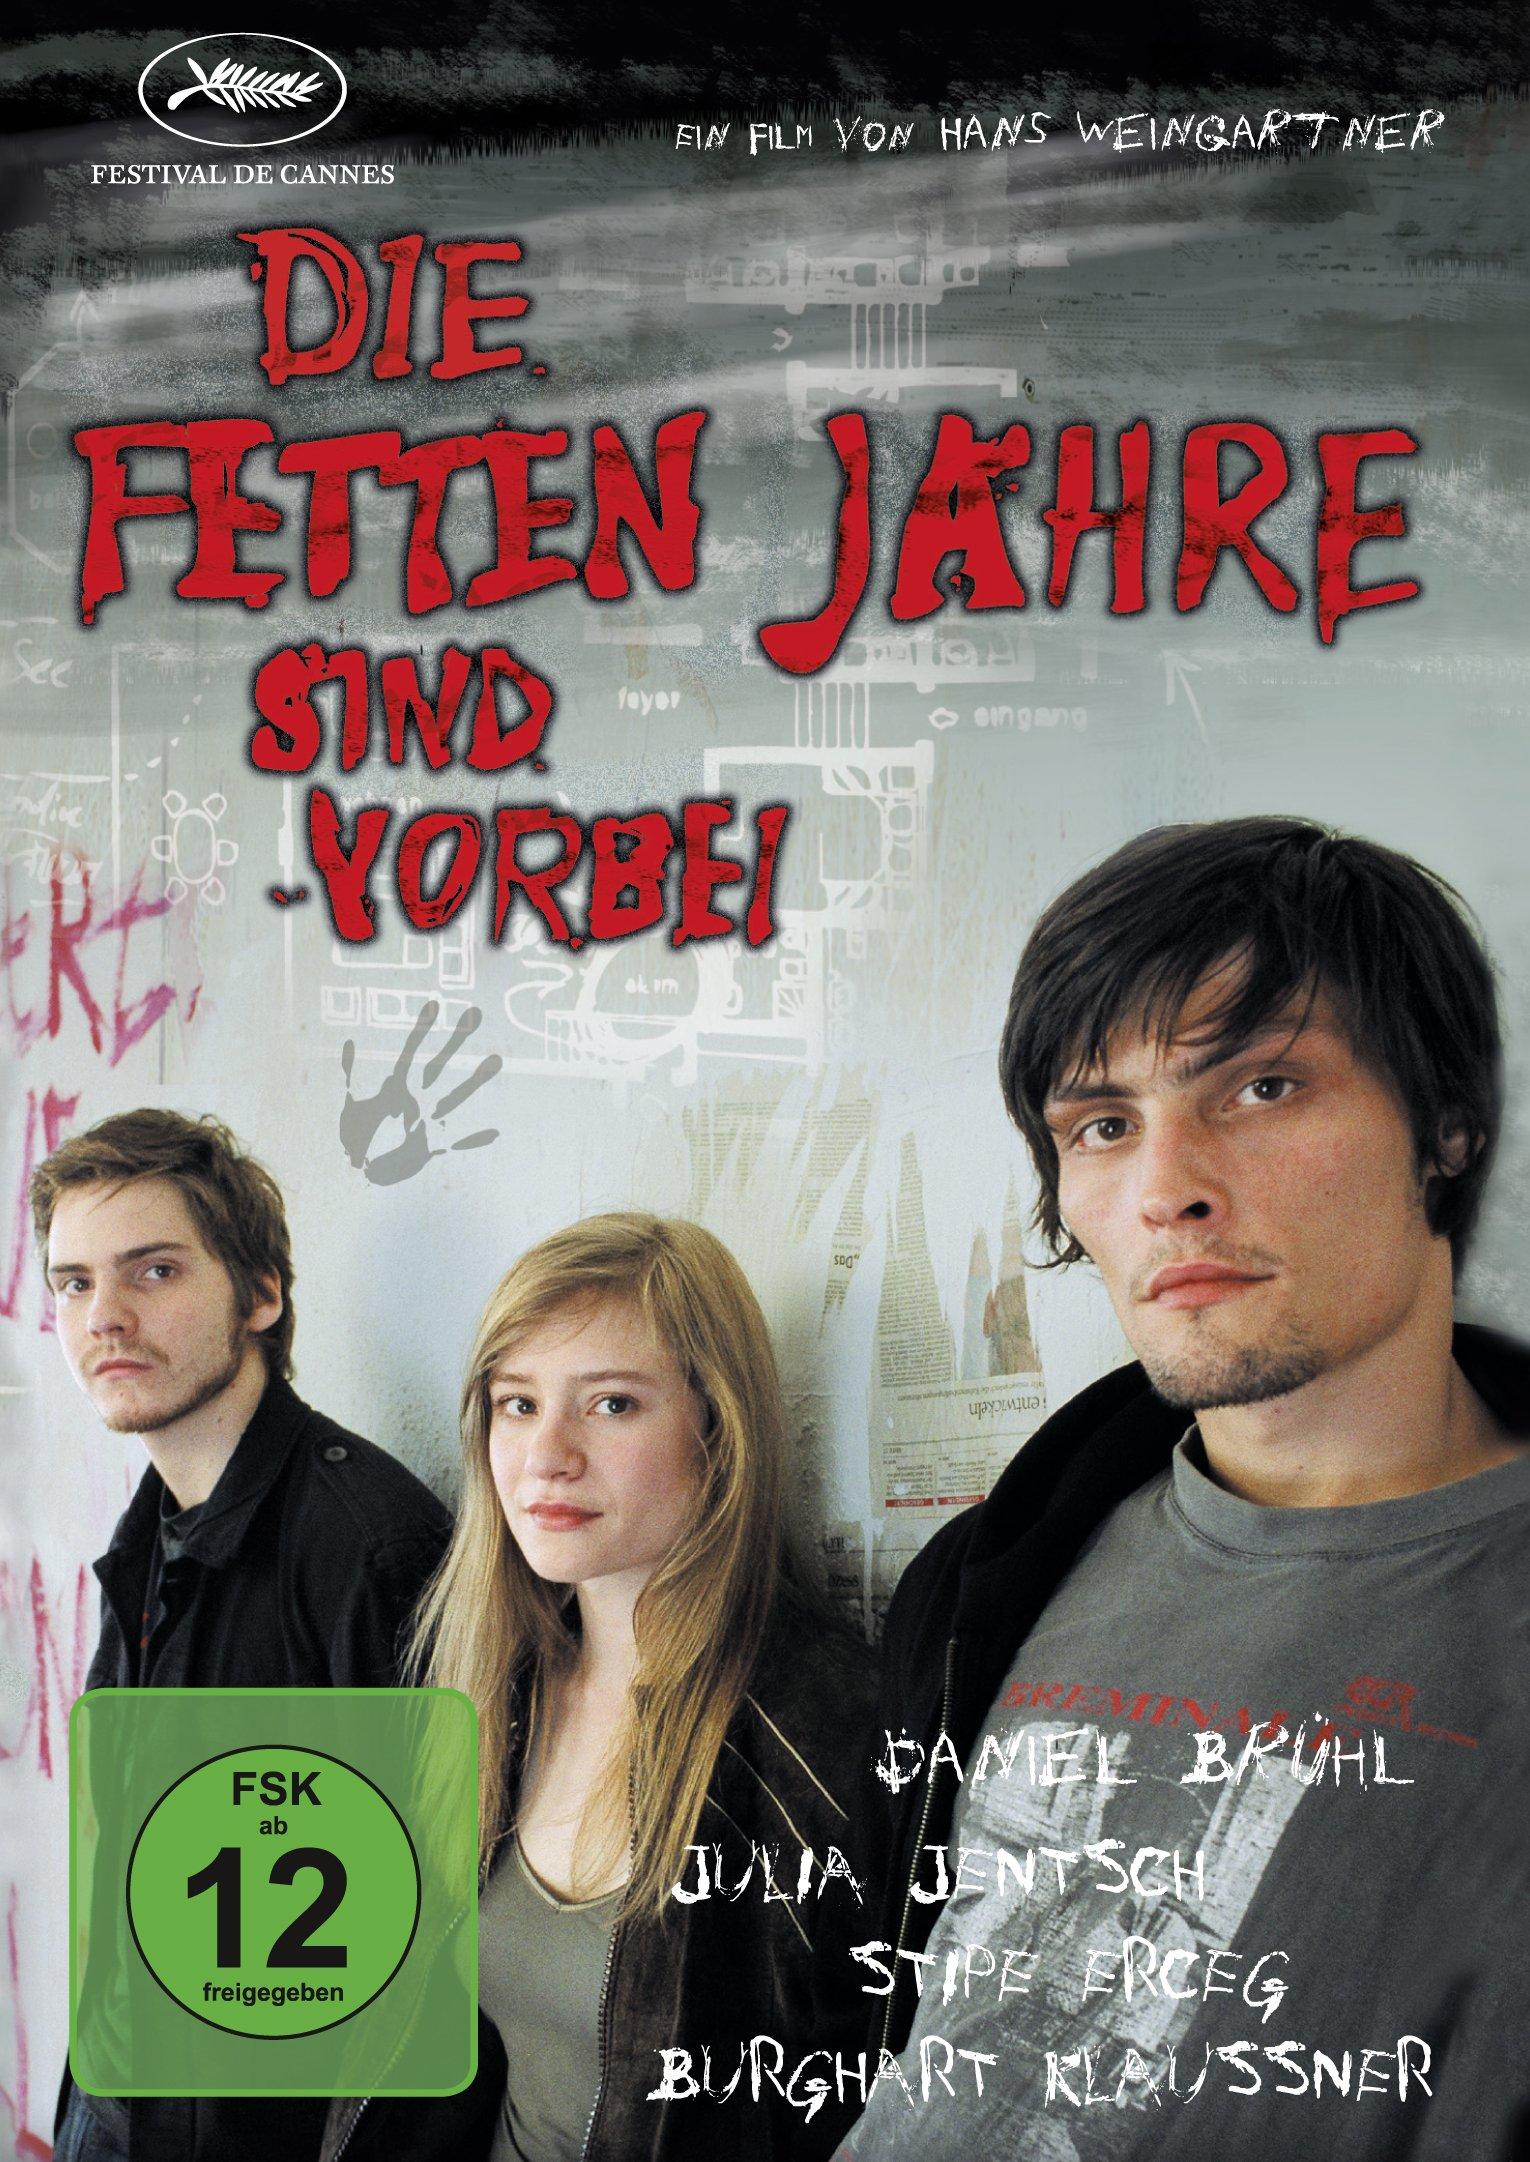 Die.fetten.Jahre.sind.vorbei.German.2004.DVDRiP.x264.iNTERNAL-CiA